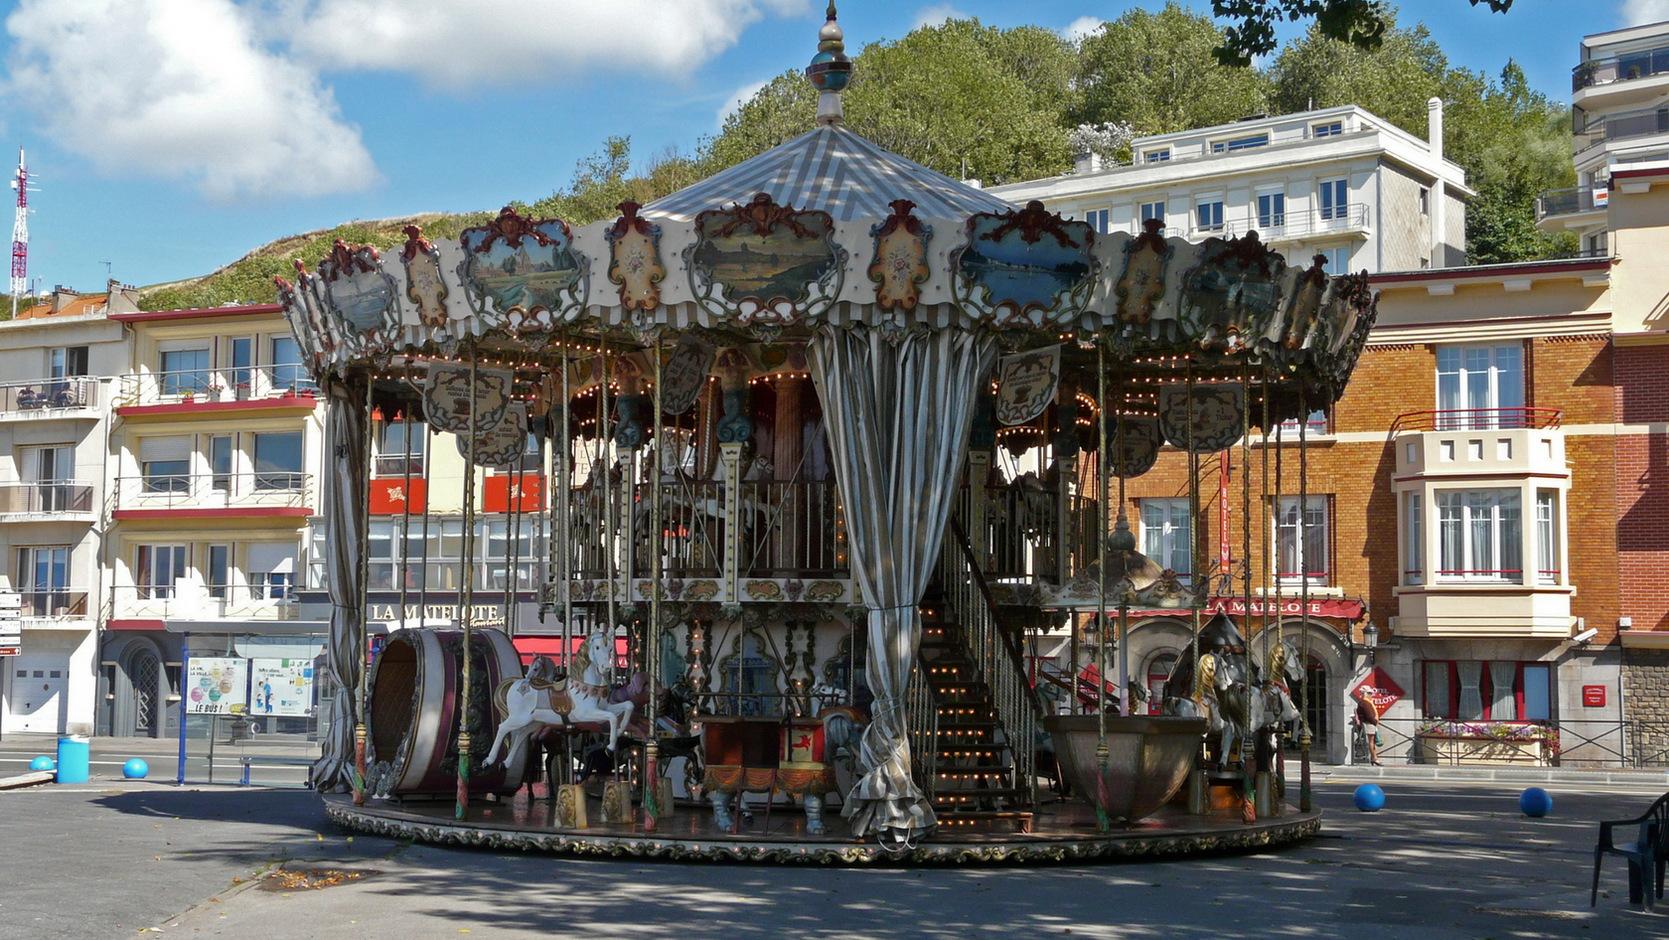 boulogne sur mer 01 rolf maltas website. Black Bedroom Furniture Sets. Home Design Ideas